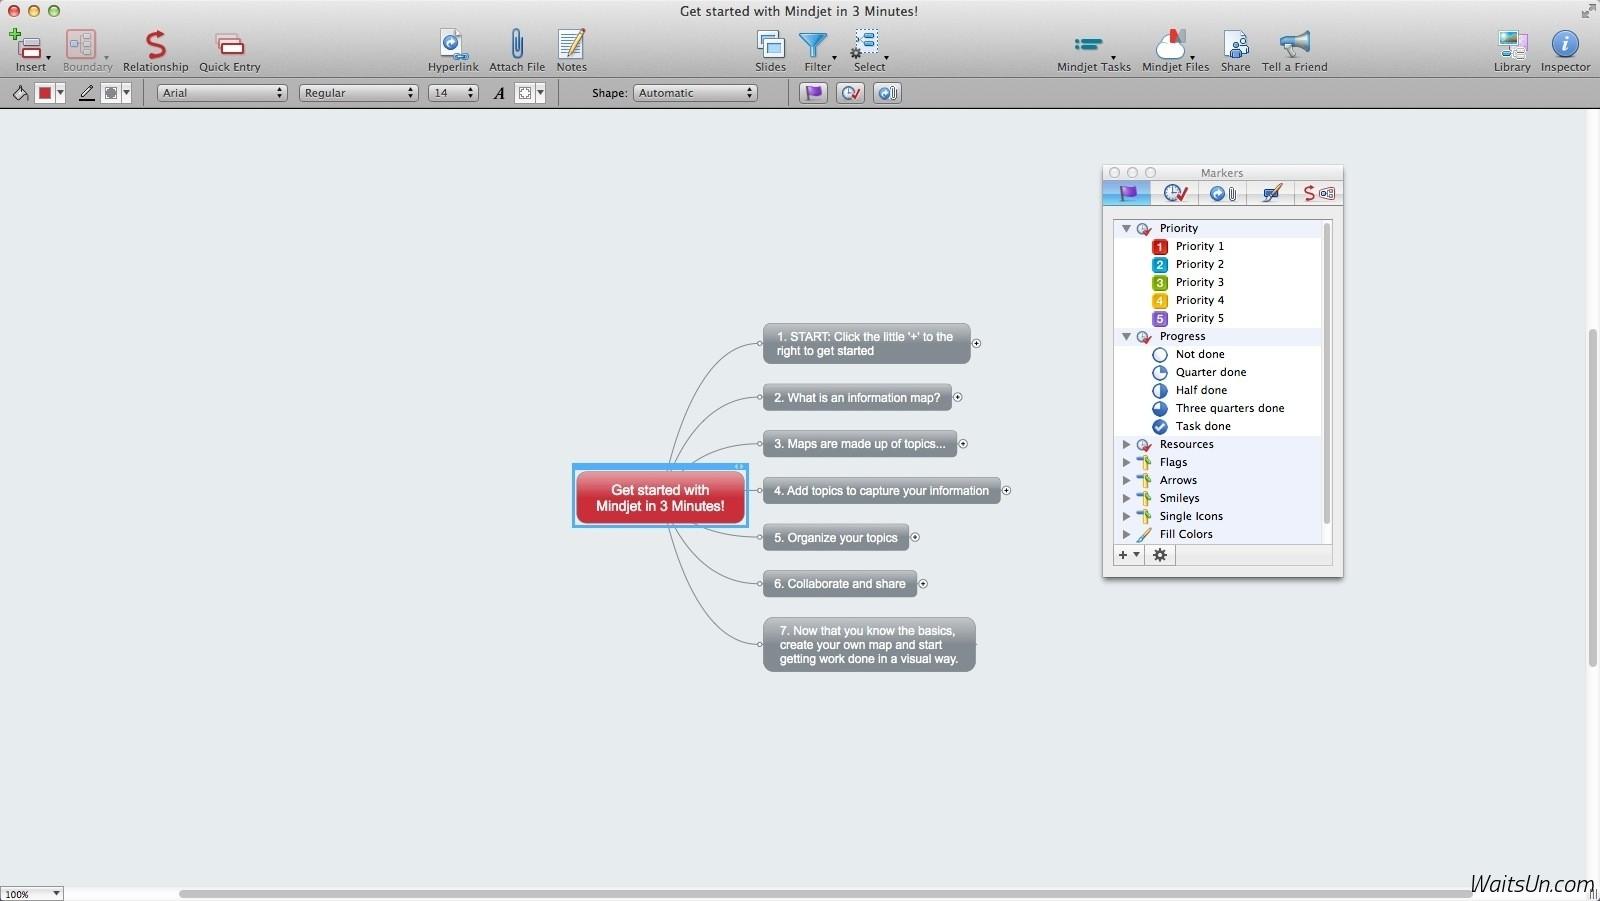 Mindjet MindManager for Mac 10.3.637 注册版 – Mac上经典优秀的思维导图软件-麦氪派(WaitsUn.com | 爱情守望者)